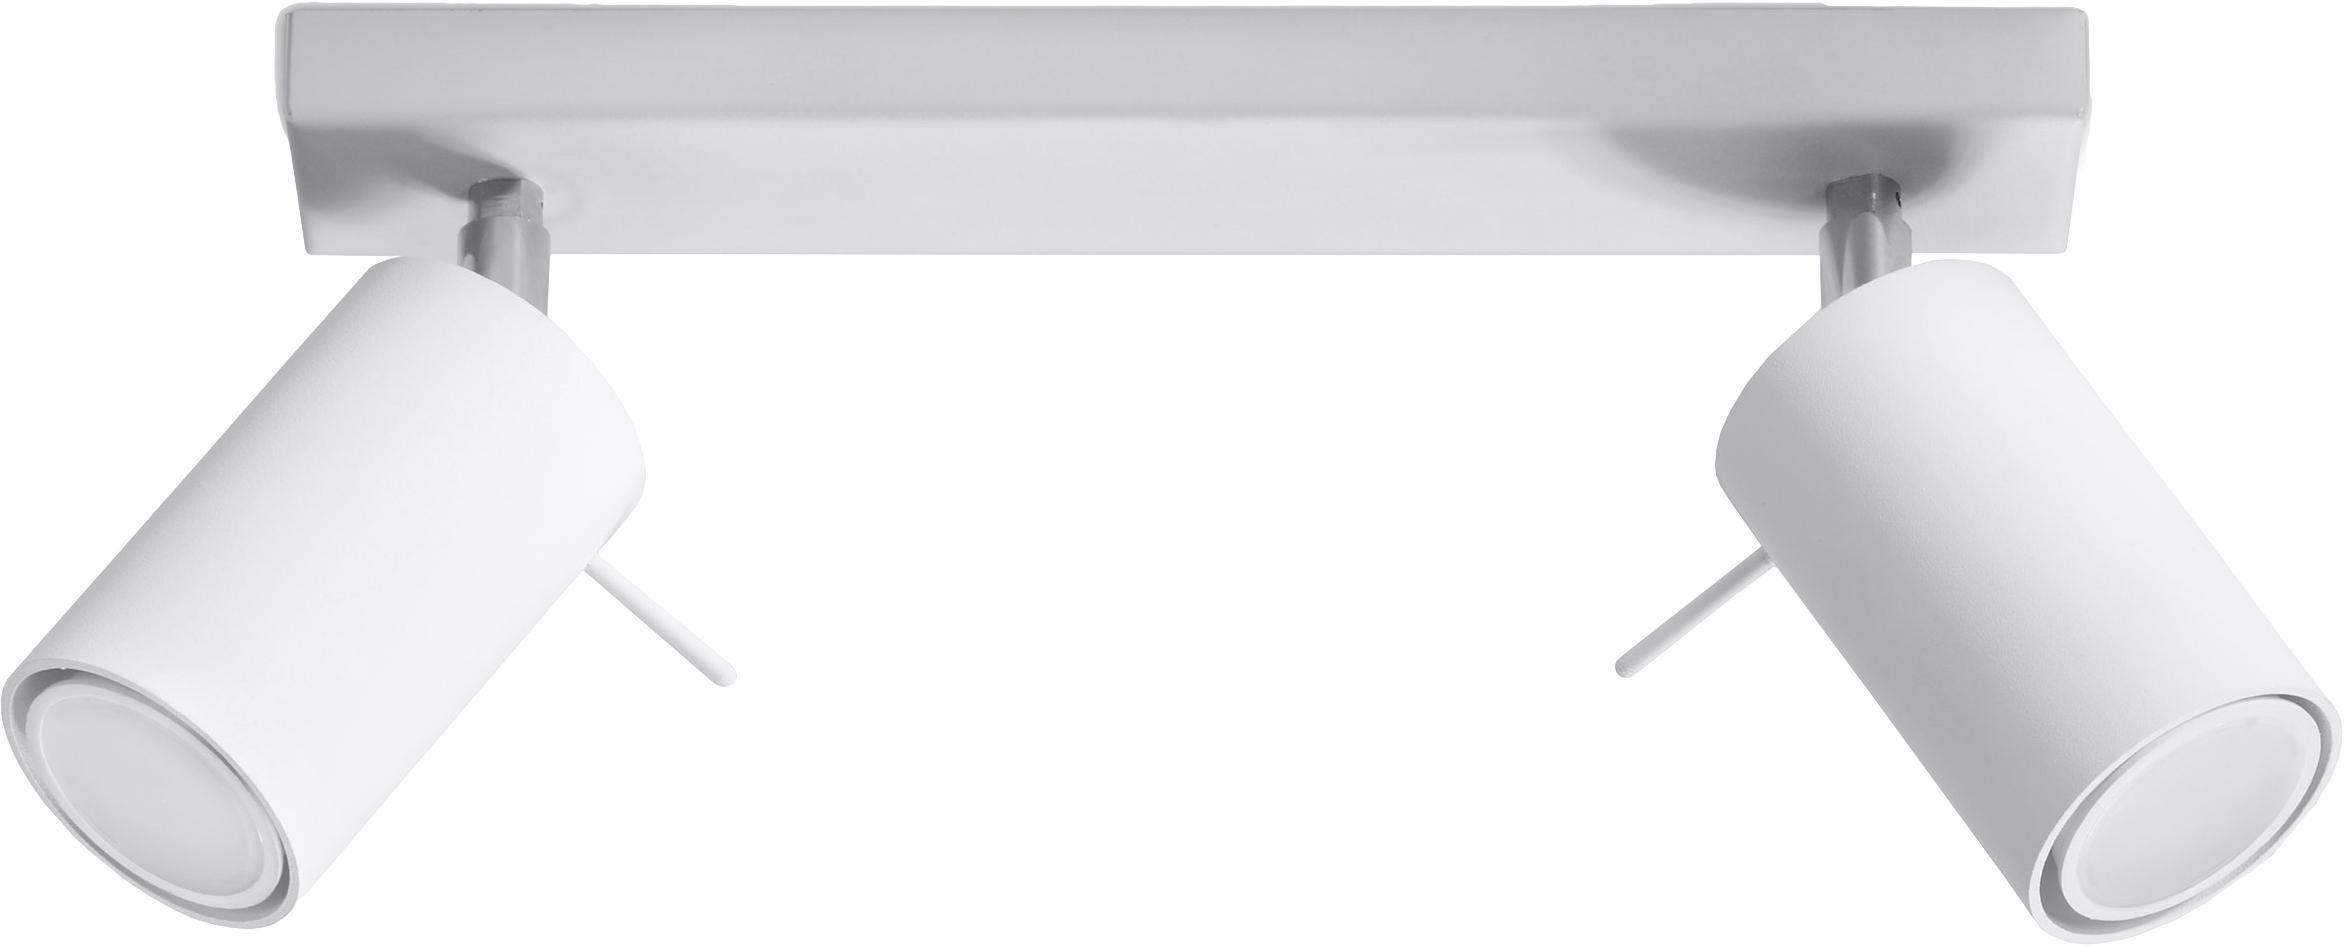 Lampa sufitowa Etna, Stal lakierowana, Biały, S 30 x W 15 cm